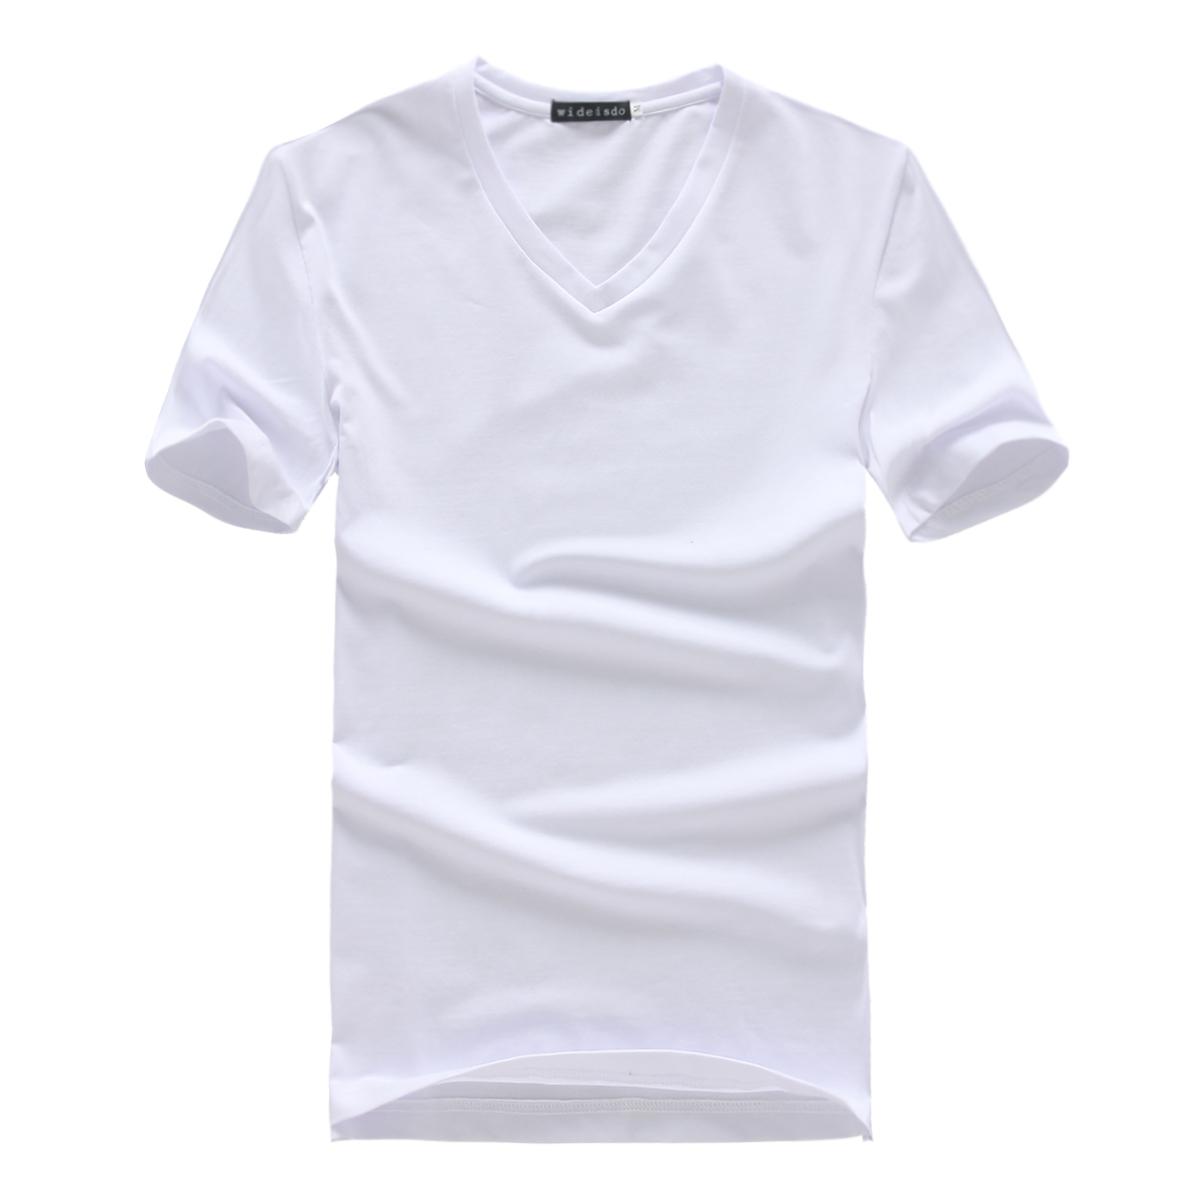 未都 精梳莱卡棉短袖t恤 男 v领运动t恤男士打底衫春新款wt007